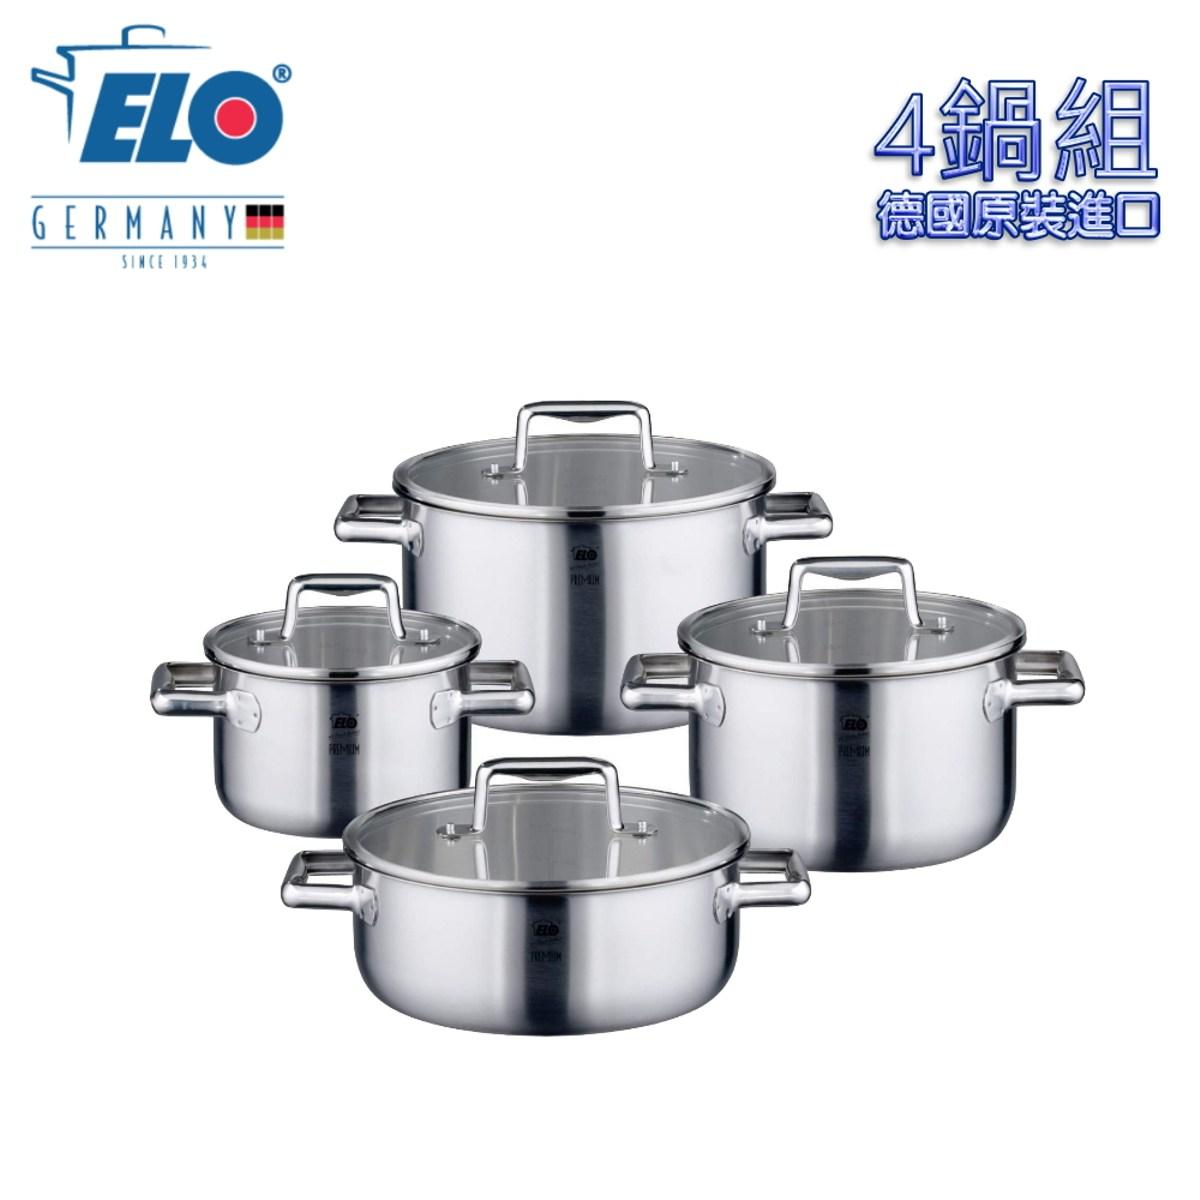 德国Elo不锈钢锅具怎么样 德国Elo不锈钢锅具好用吗